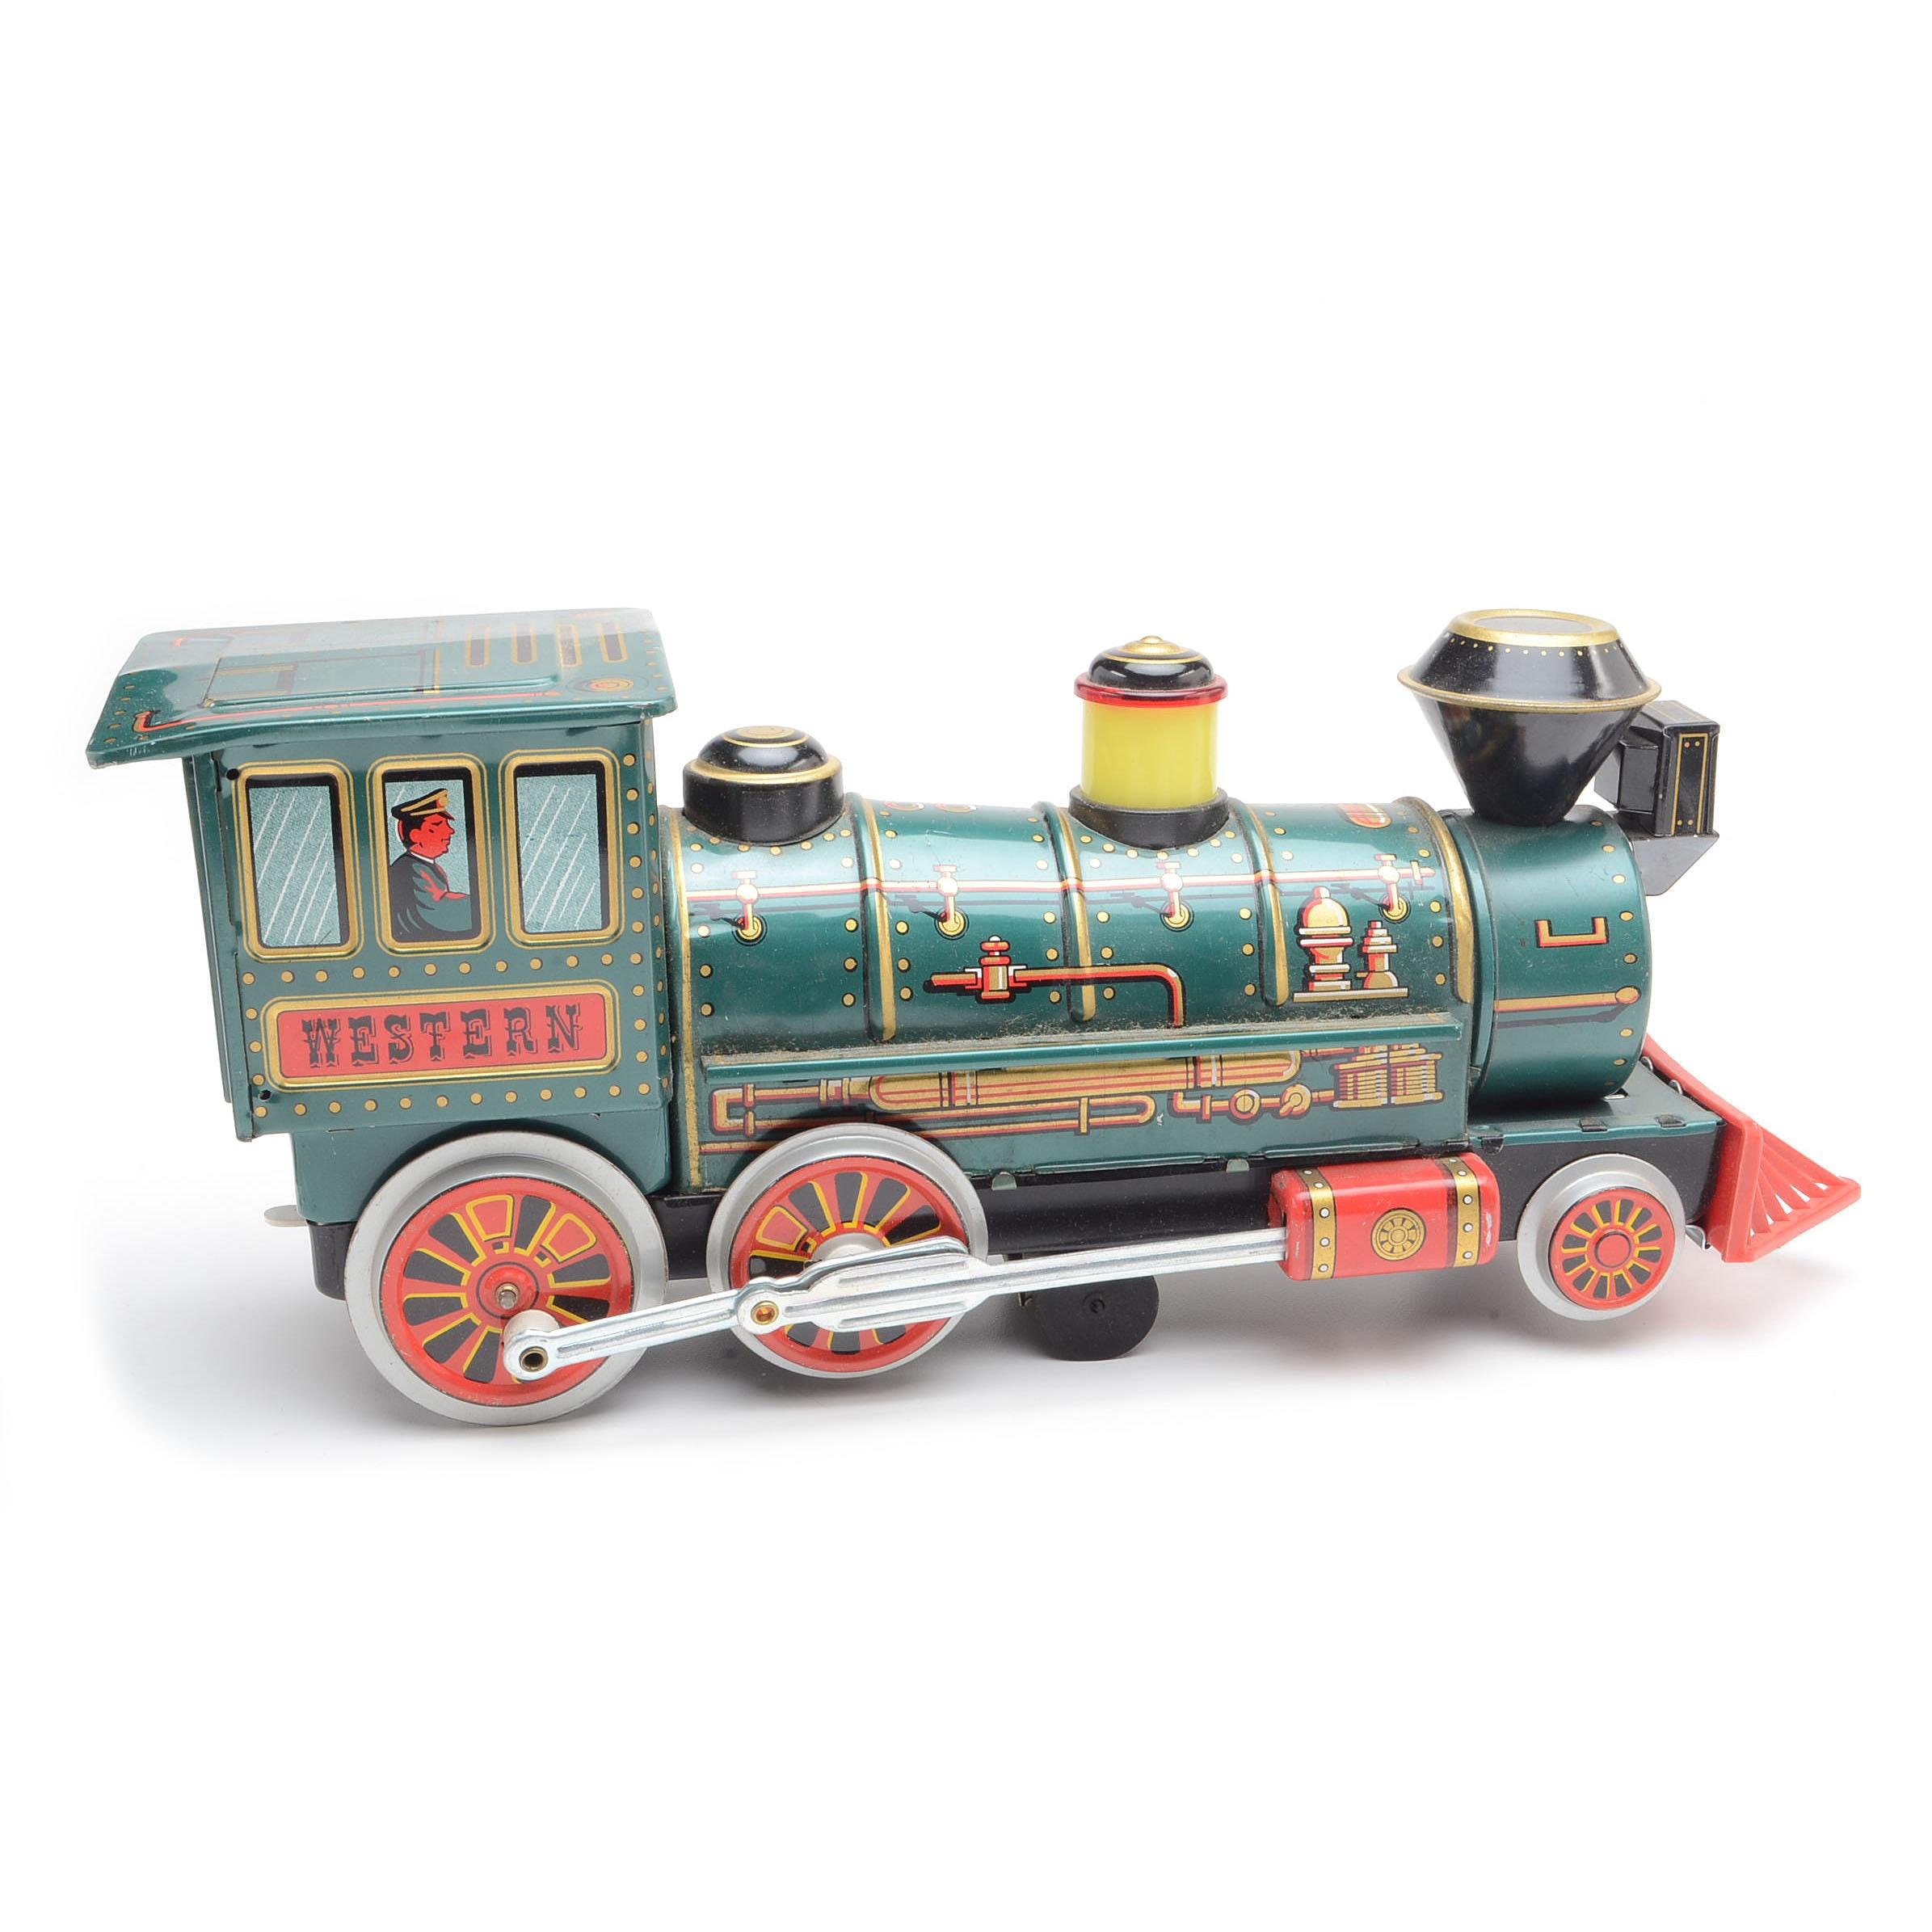 """Vintage """"Western Special Locomotive"""" Toy In Original Box"""